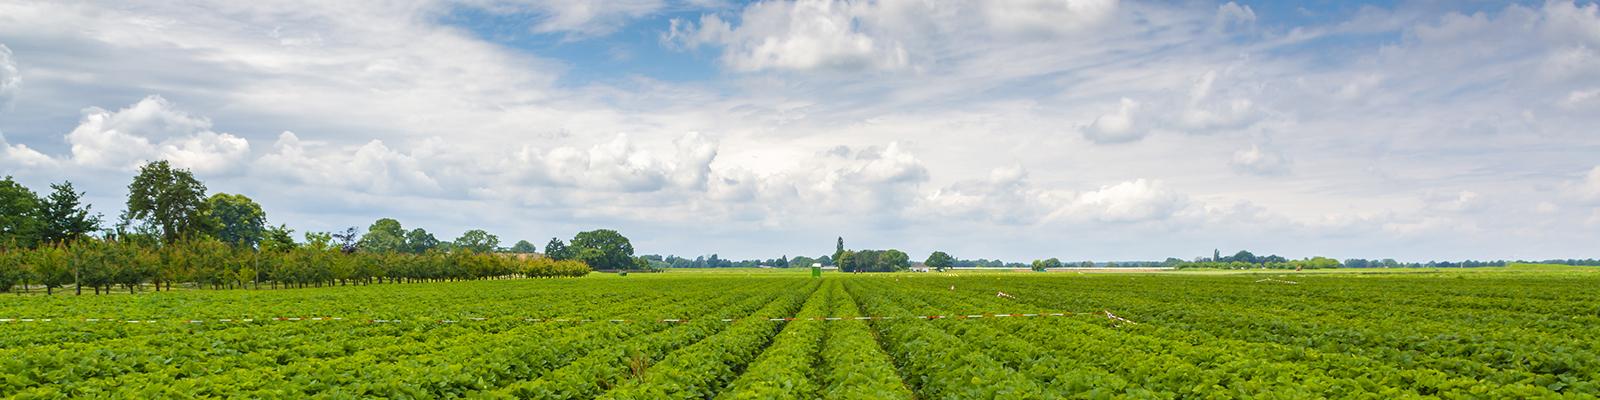 An organic strawberry farm